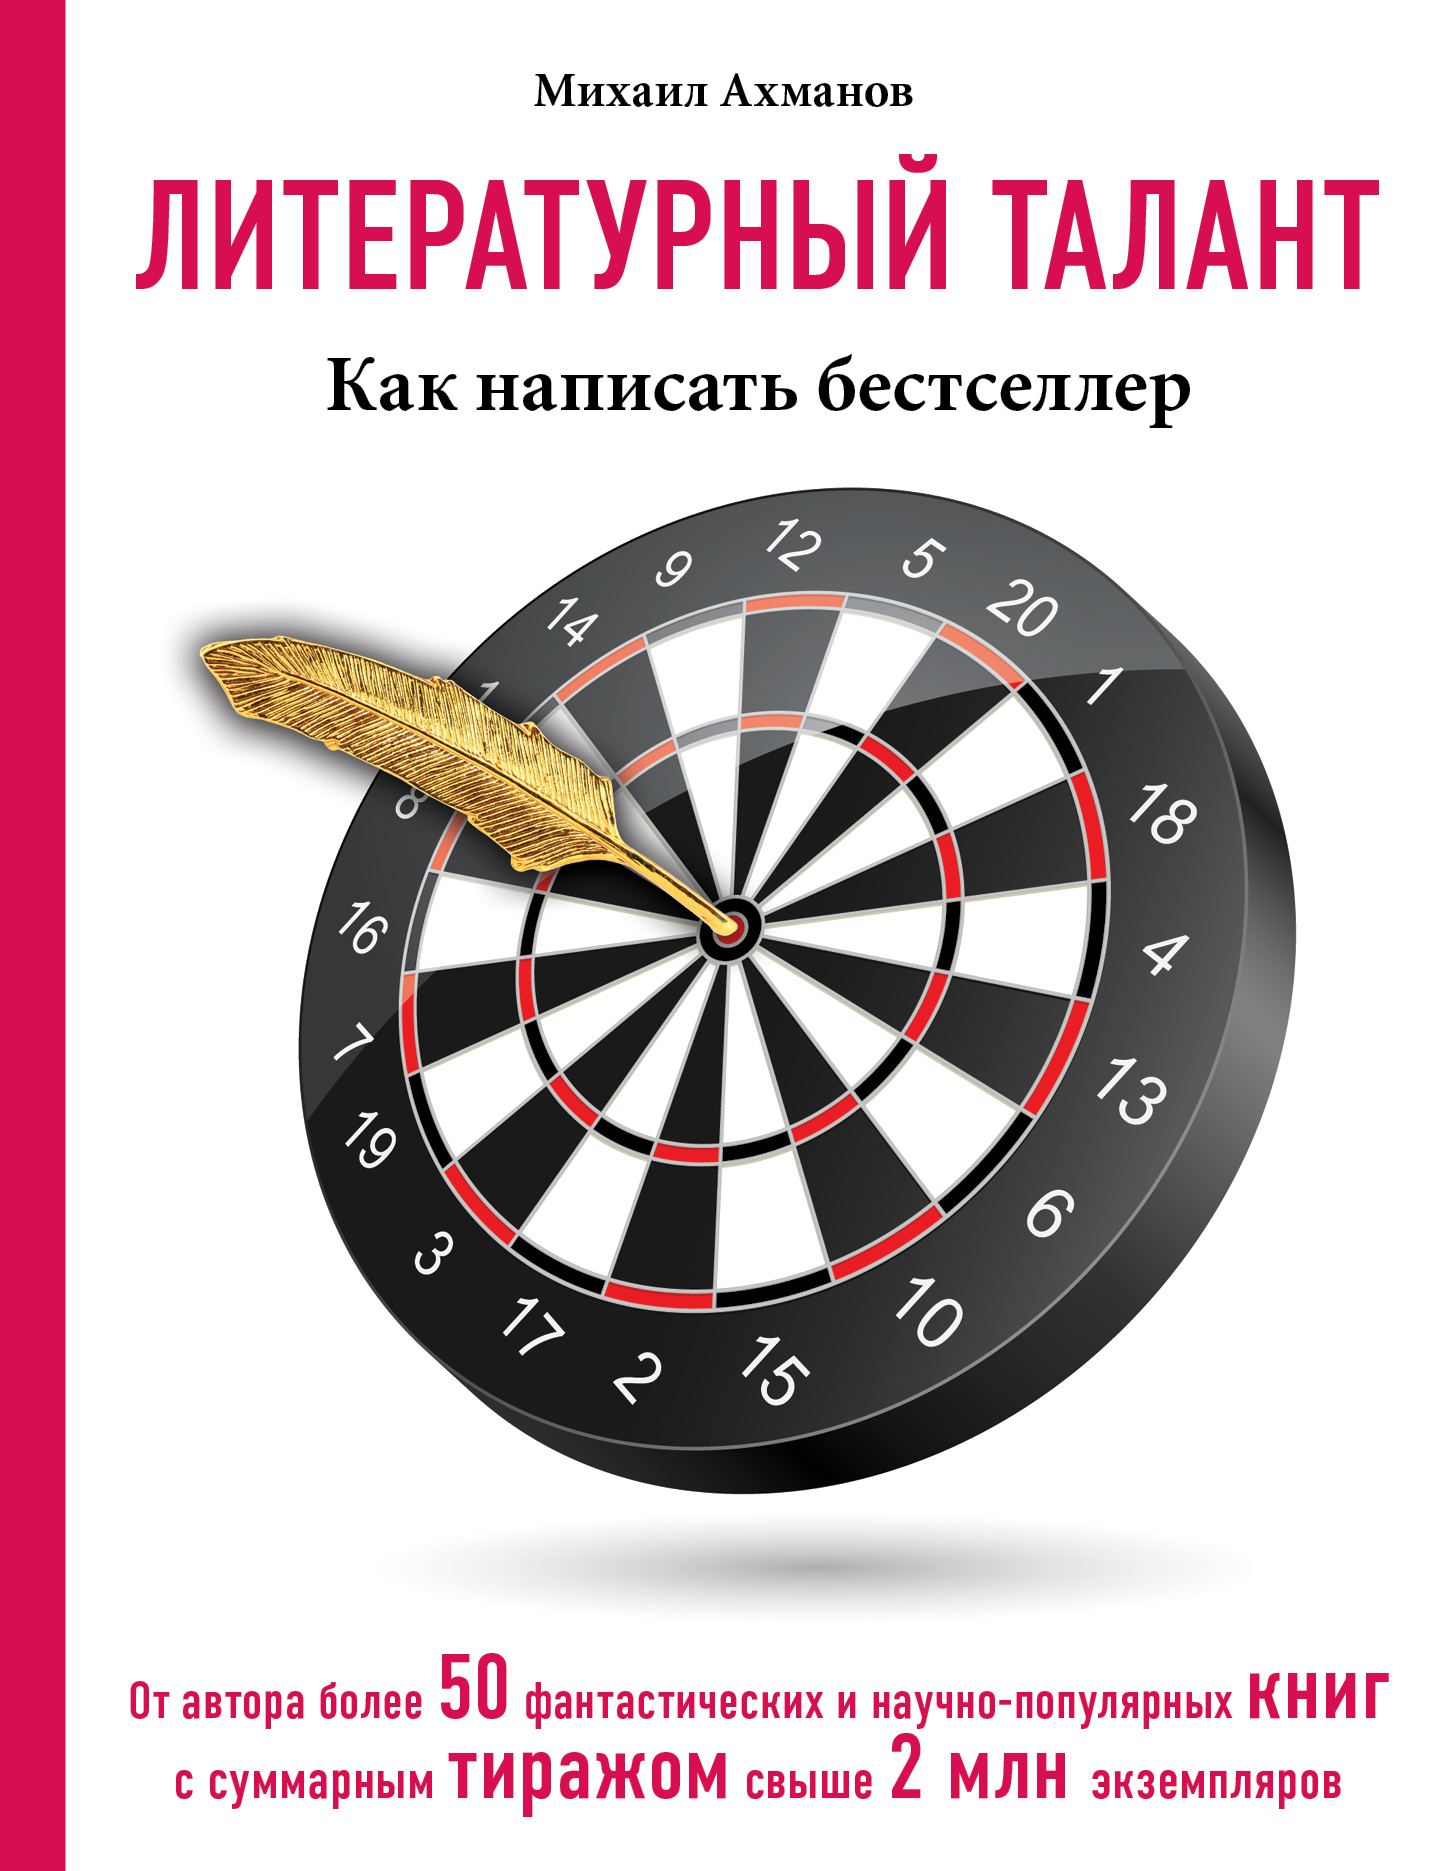 Литературный талант: Как написать бестселлер ( Ахманов М.С.  )